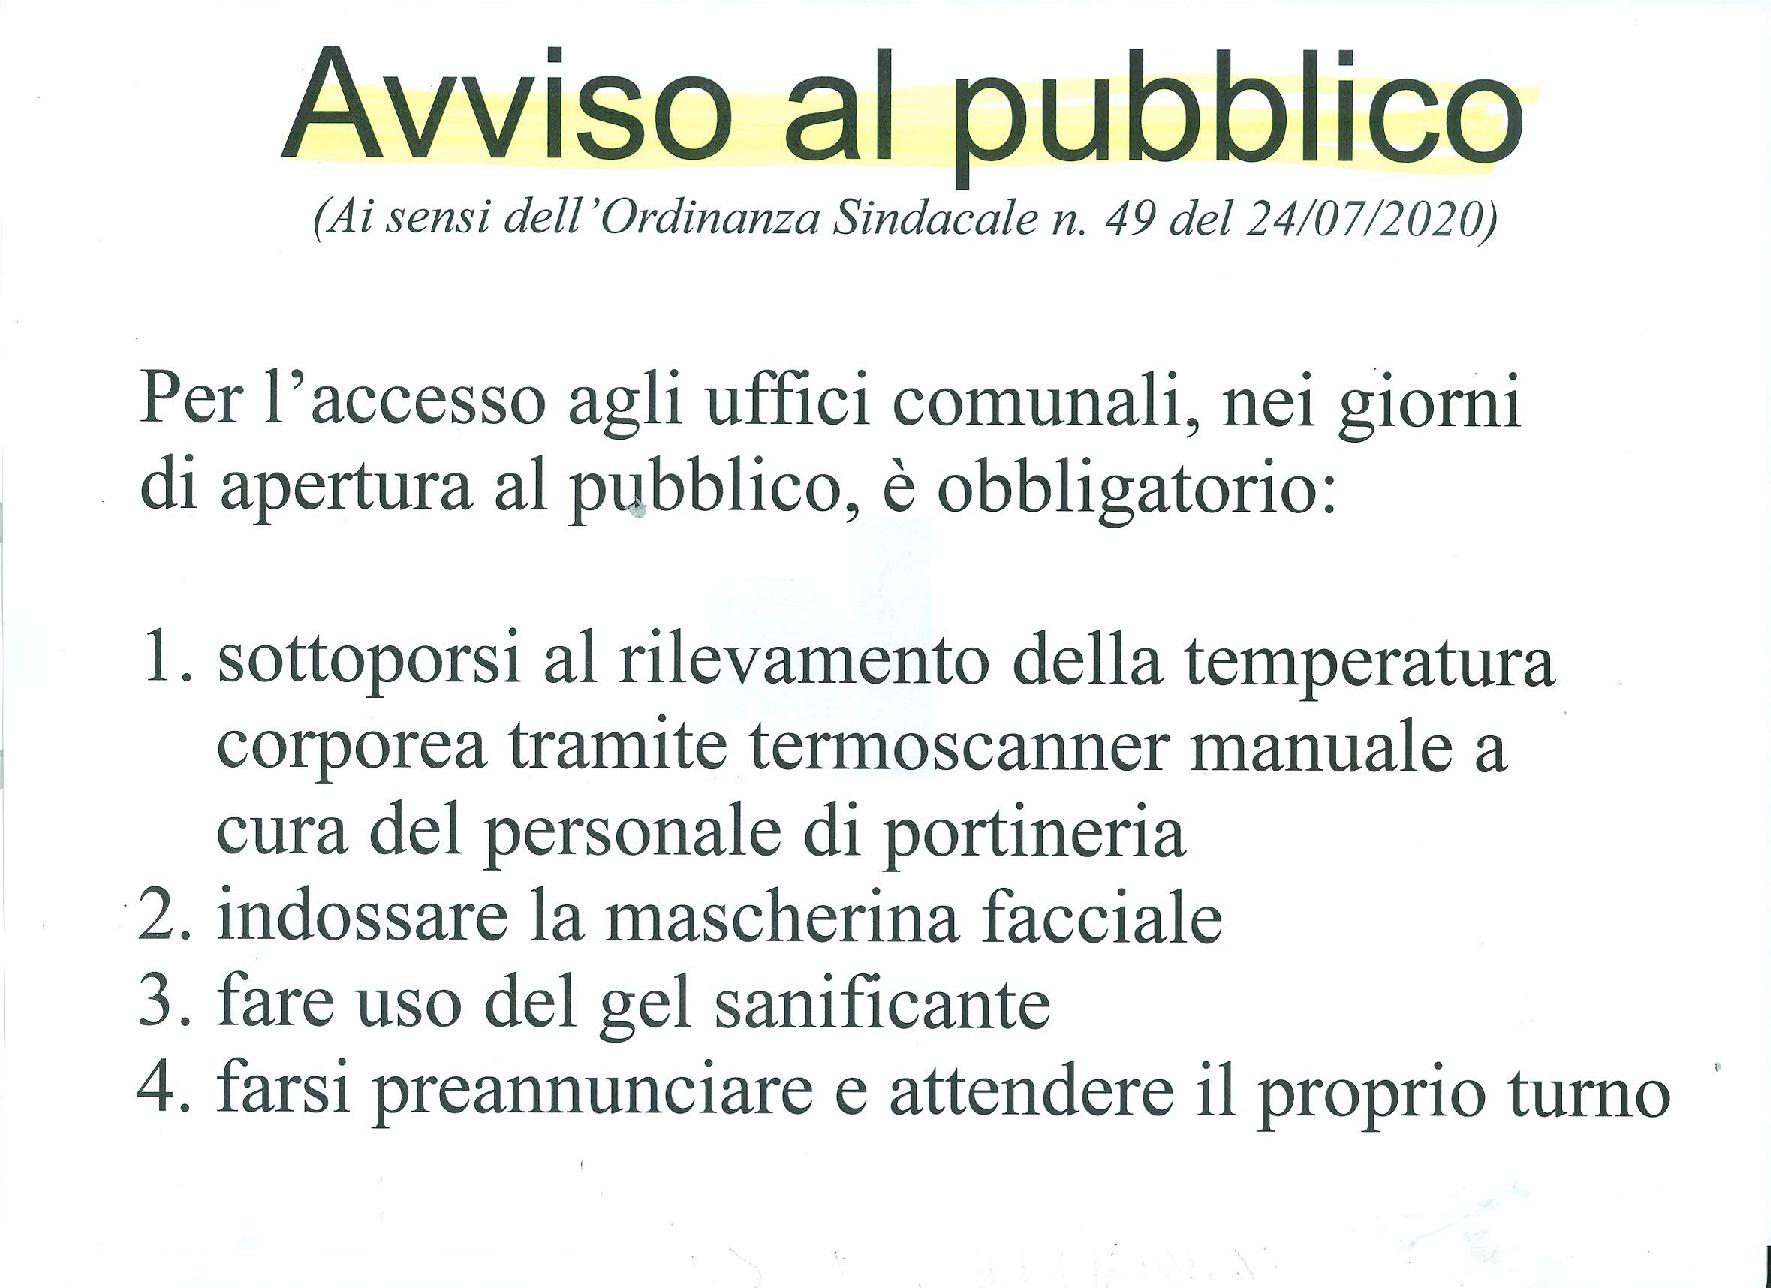 AVVISO AL PUBBLICO